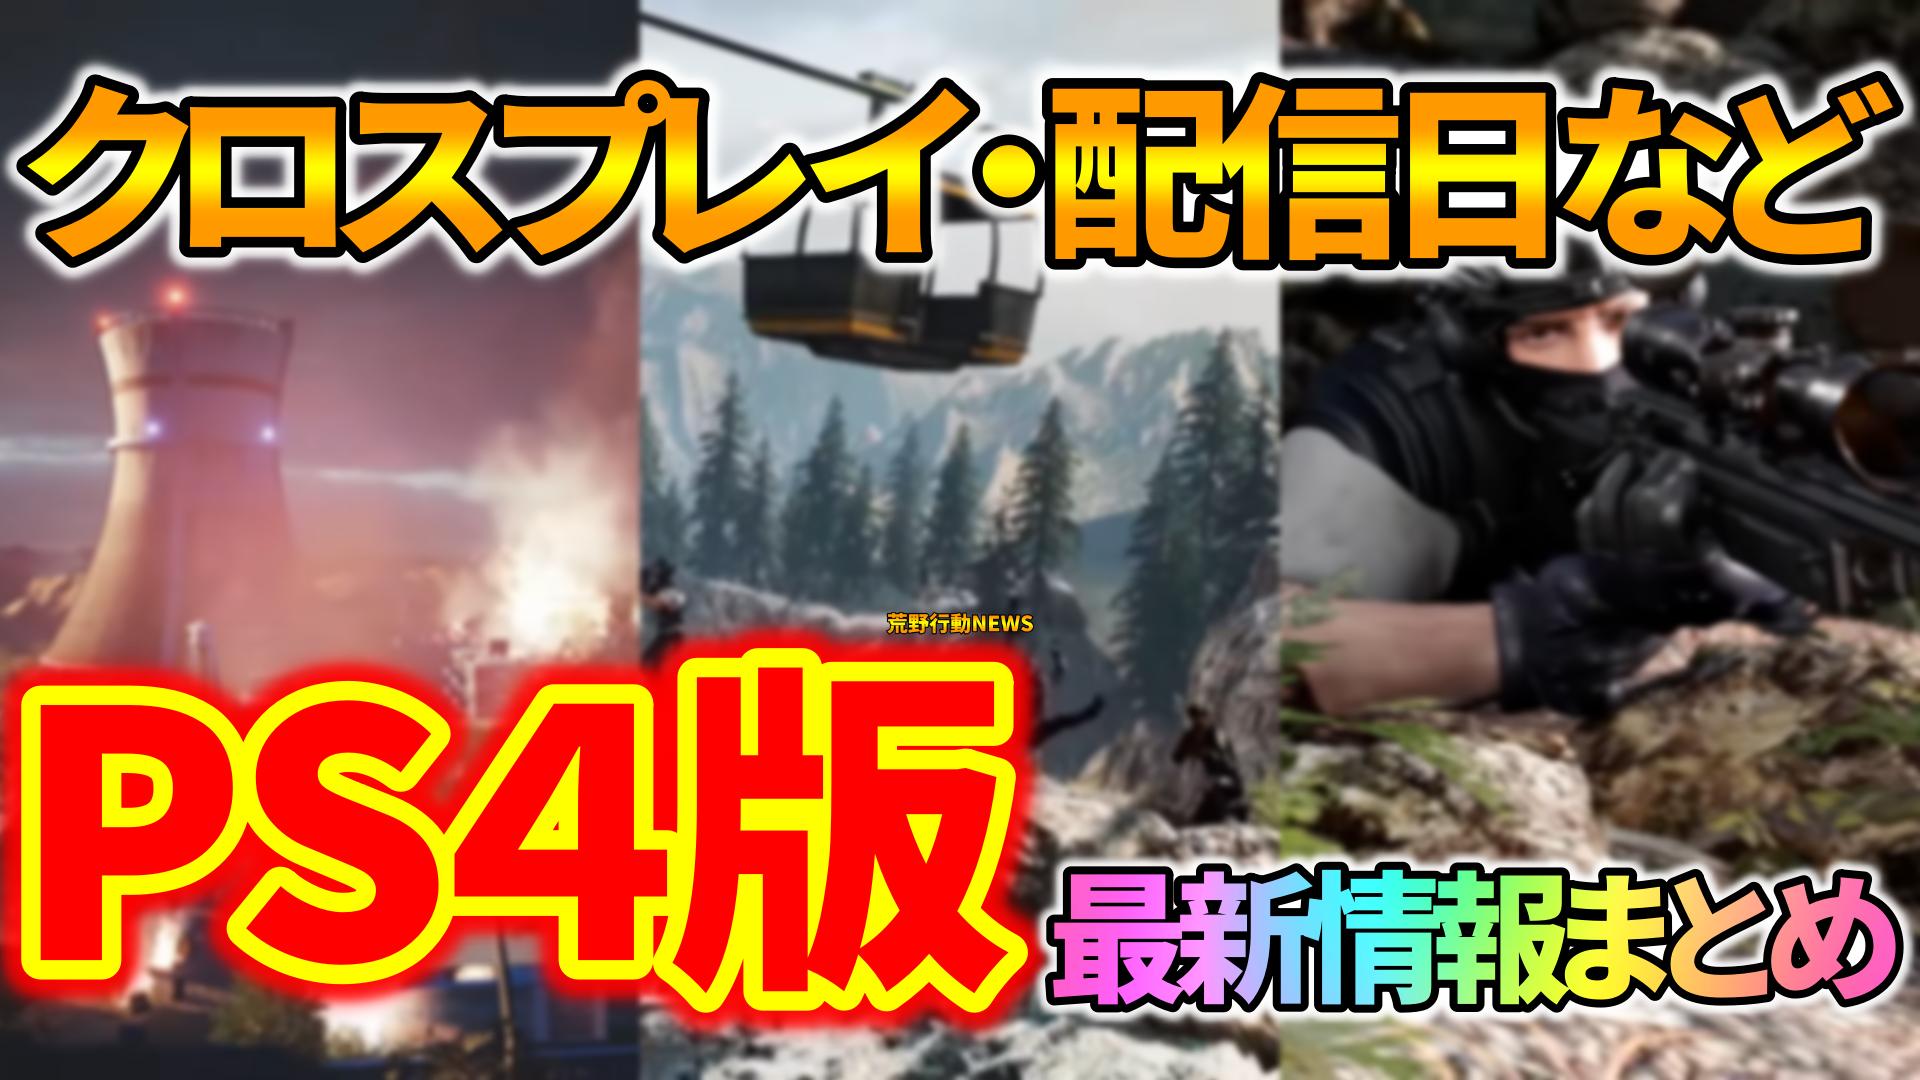 荒野 行動 switch 発売 日